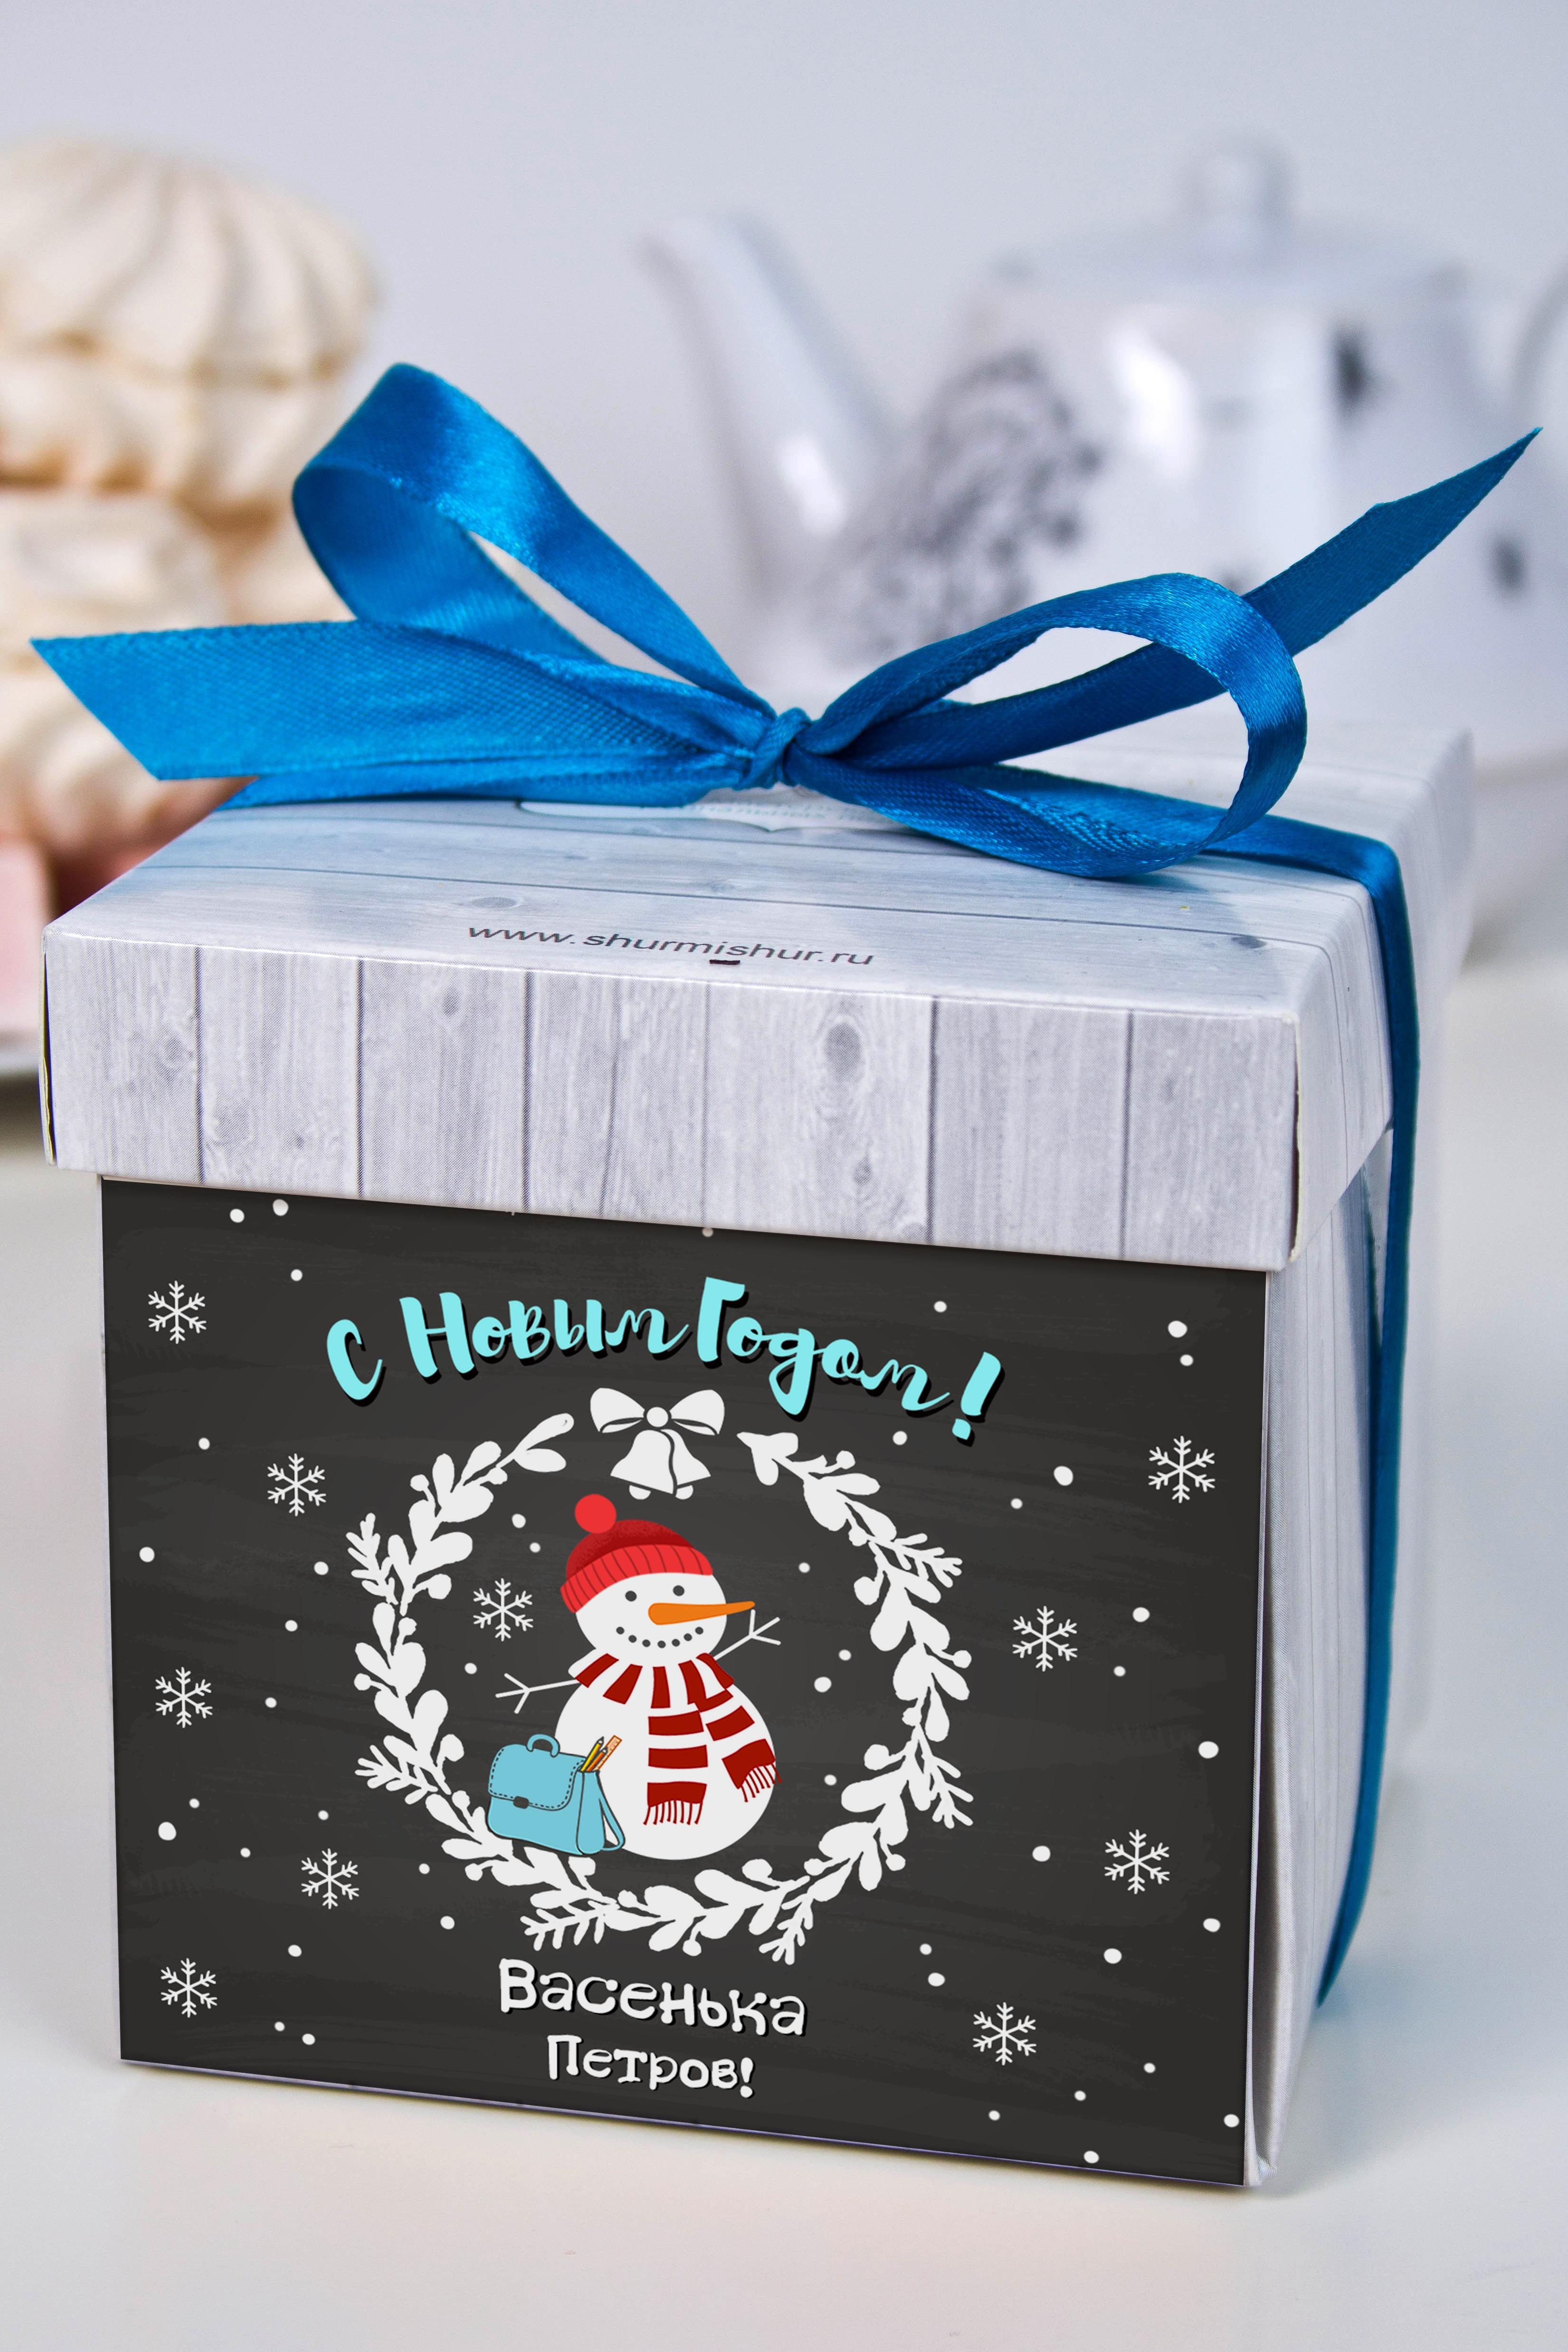 Печенье с предсказанием именное Чудесное времяСувениры и упаковка<br>Порадуйте близкого вам человека необычным, а главное вкусным подарком. В каждом печенье можно найти индивидуальное предсказание. В упаковке - 5 шт. Размер коробки: 10х10х10см. Внимание! Коробка может отличаться от представленной на фото.<br>